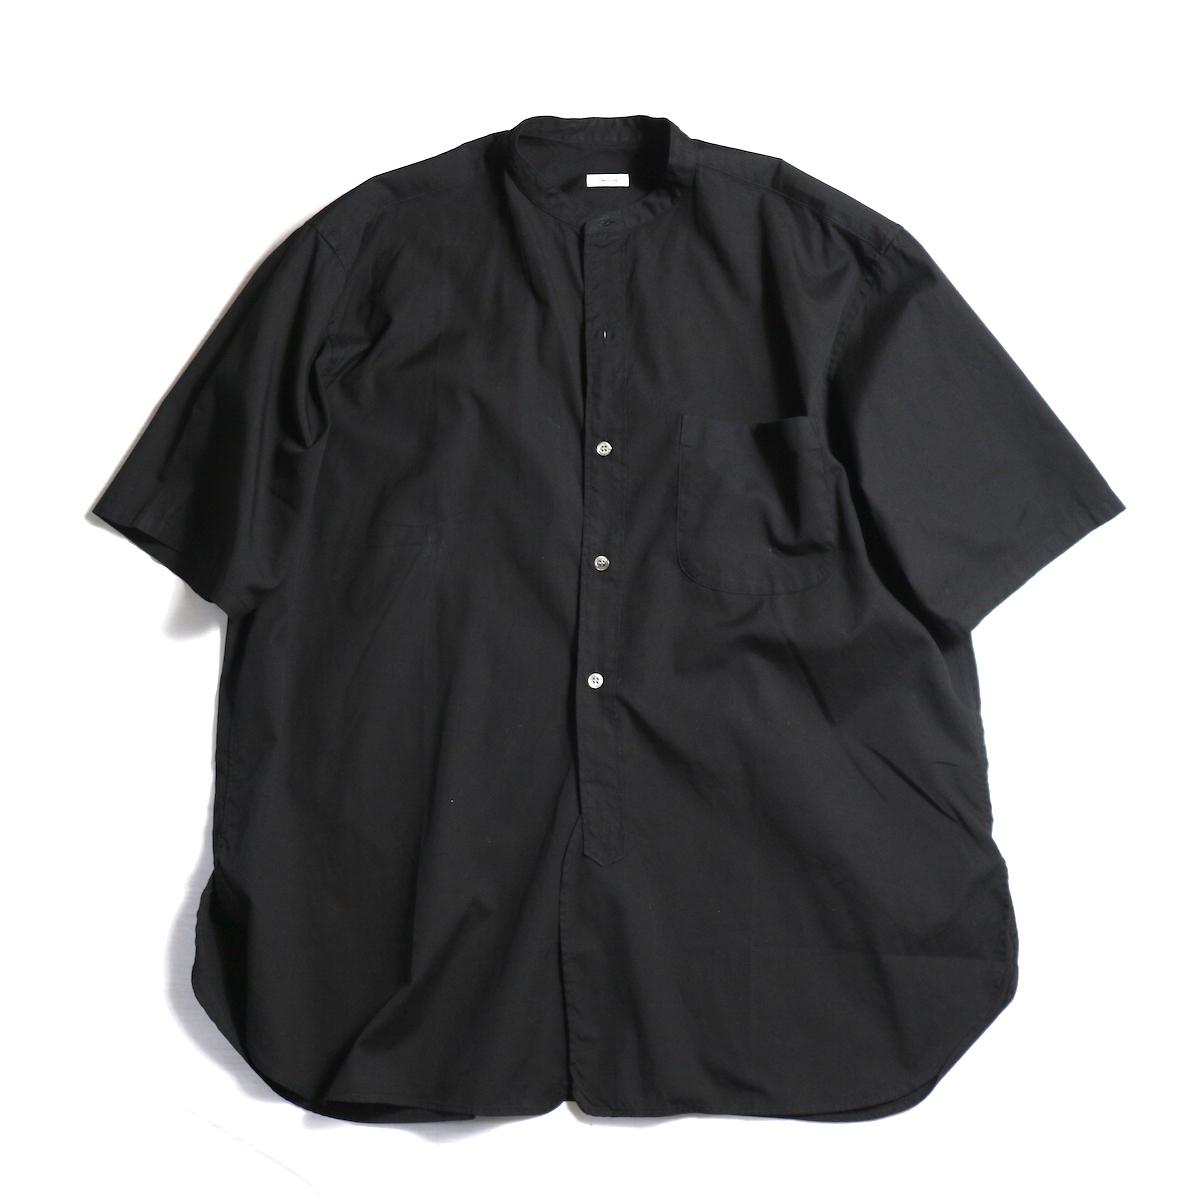 blurhms / Soft Ox Band Collar Shirt